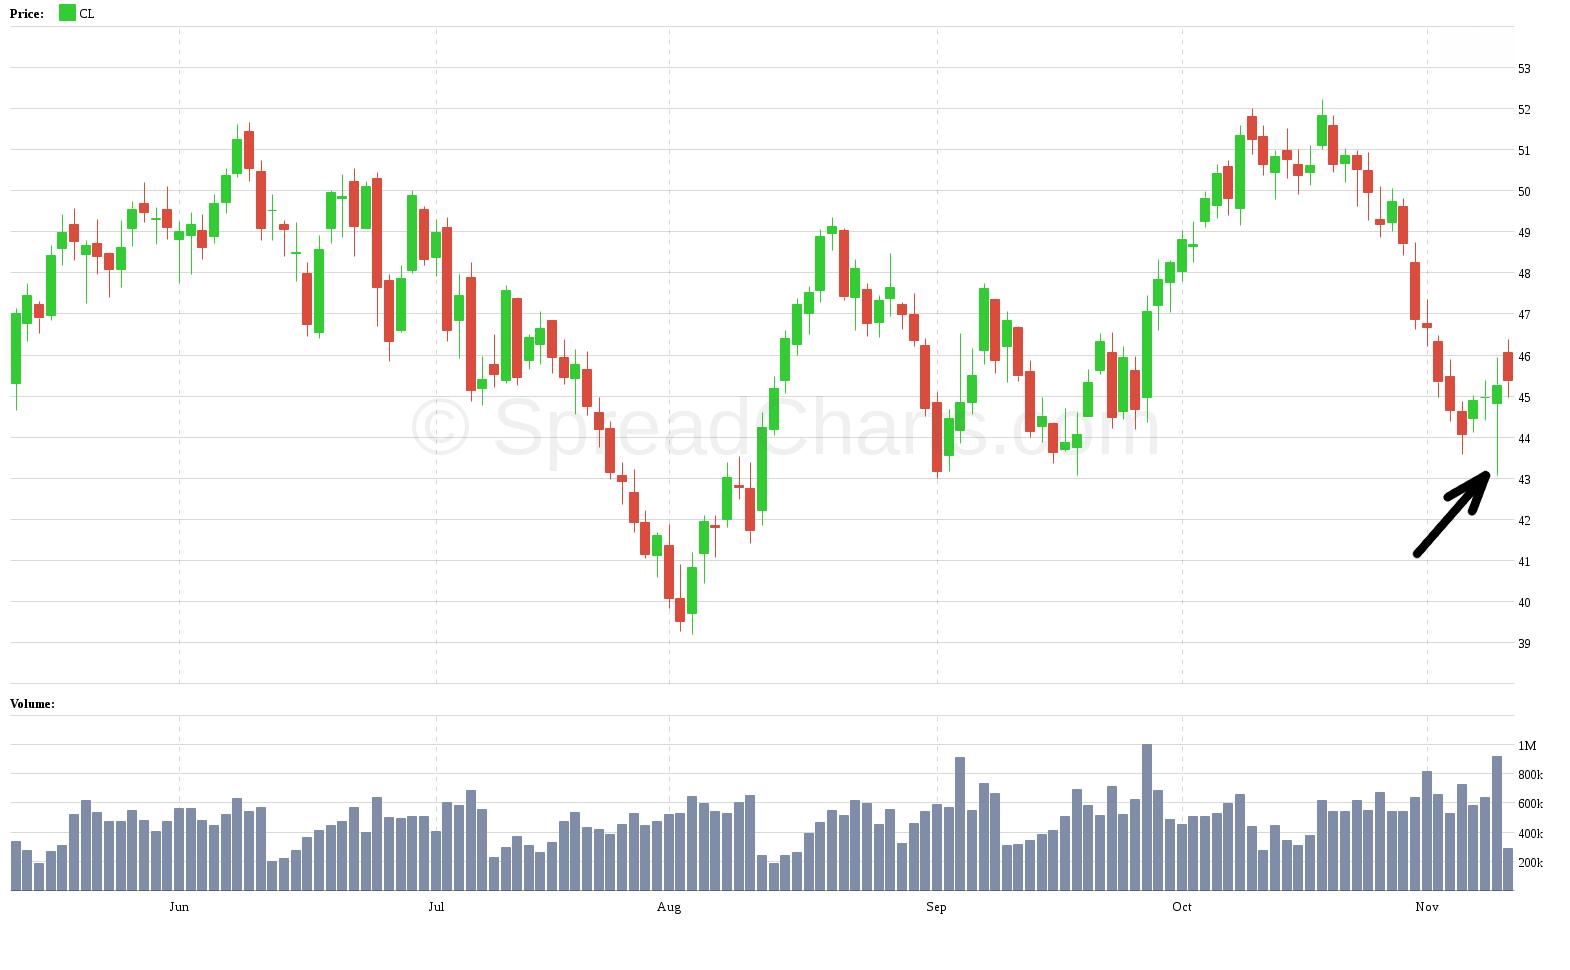 Cena ropy - voľby USA